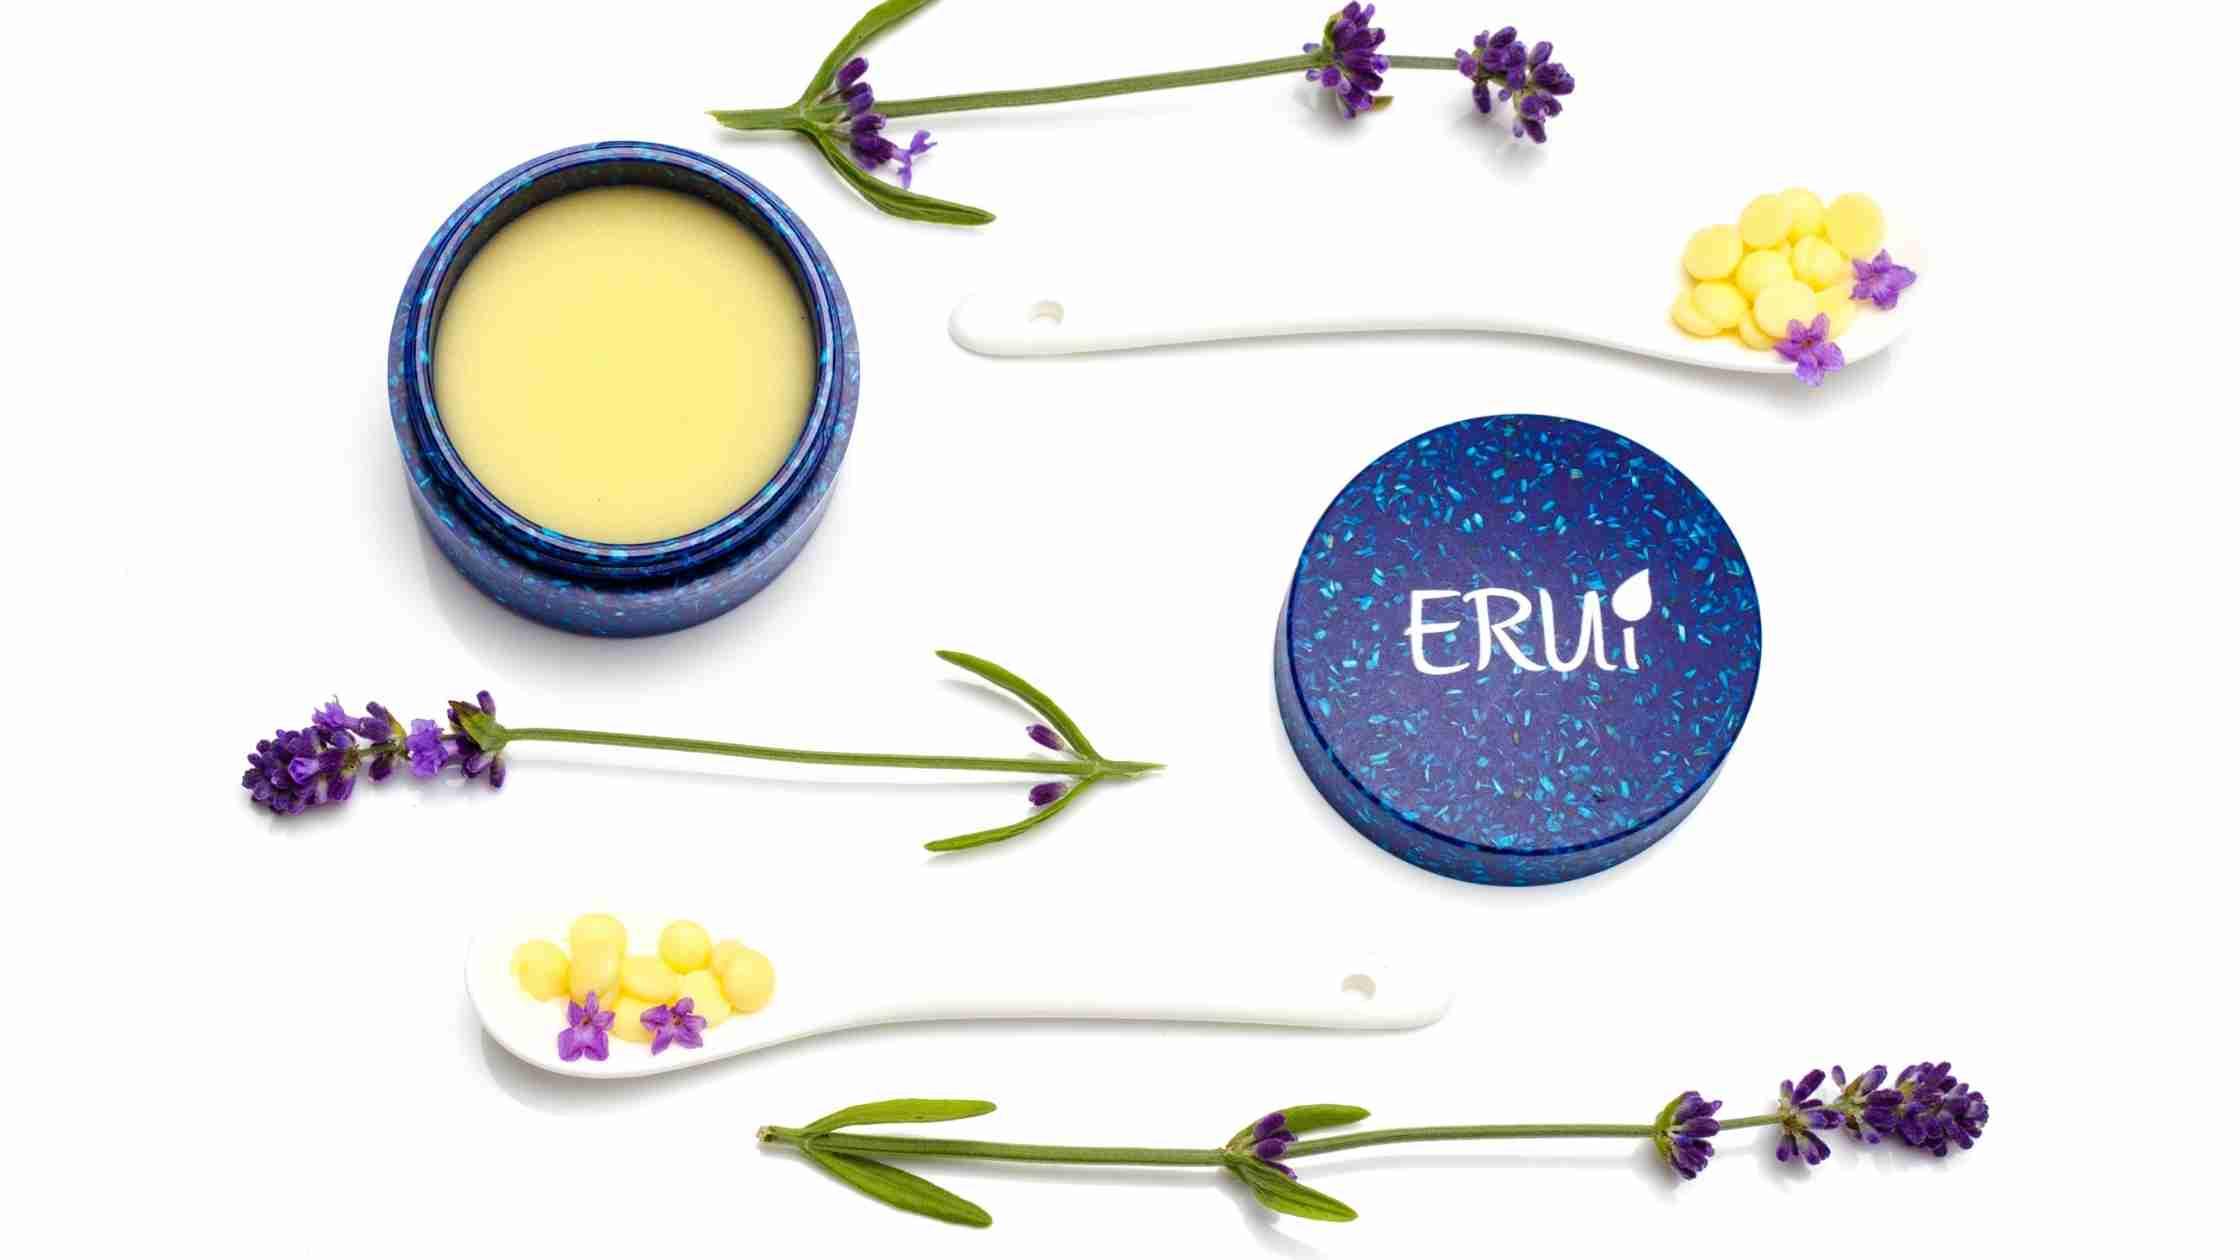 ERUi certificirana bio naravna kozmetika